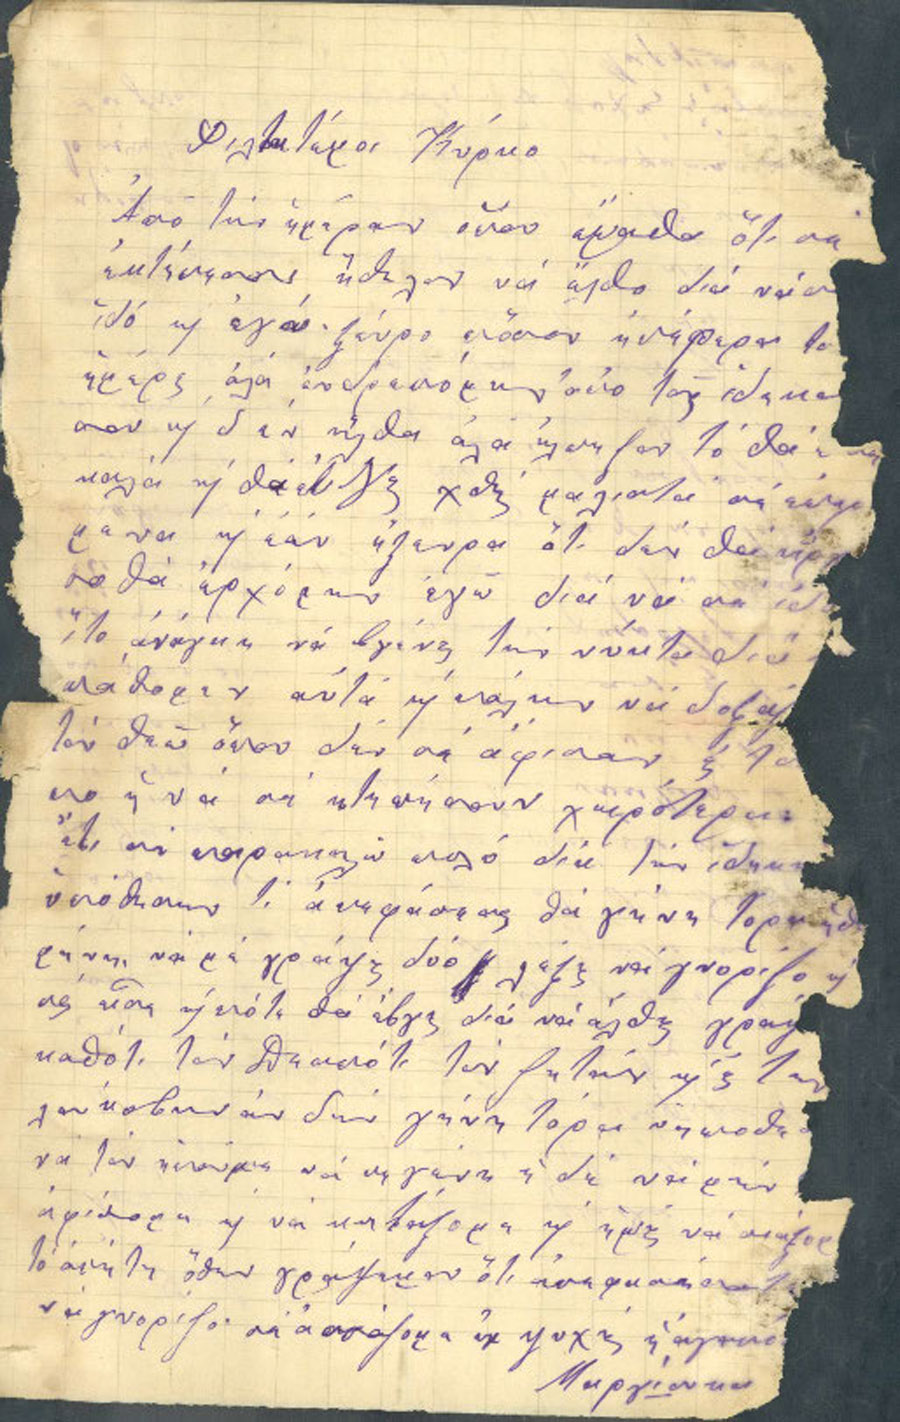 Επιστολές Μαργιώγκας - Κύρκου 54